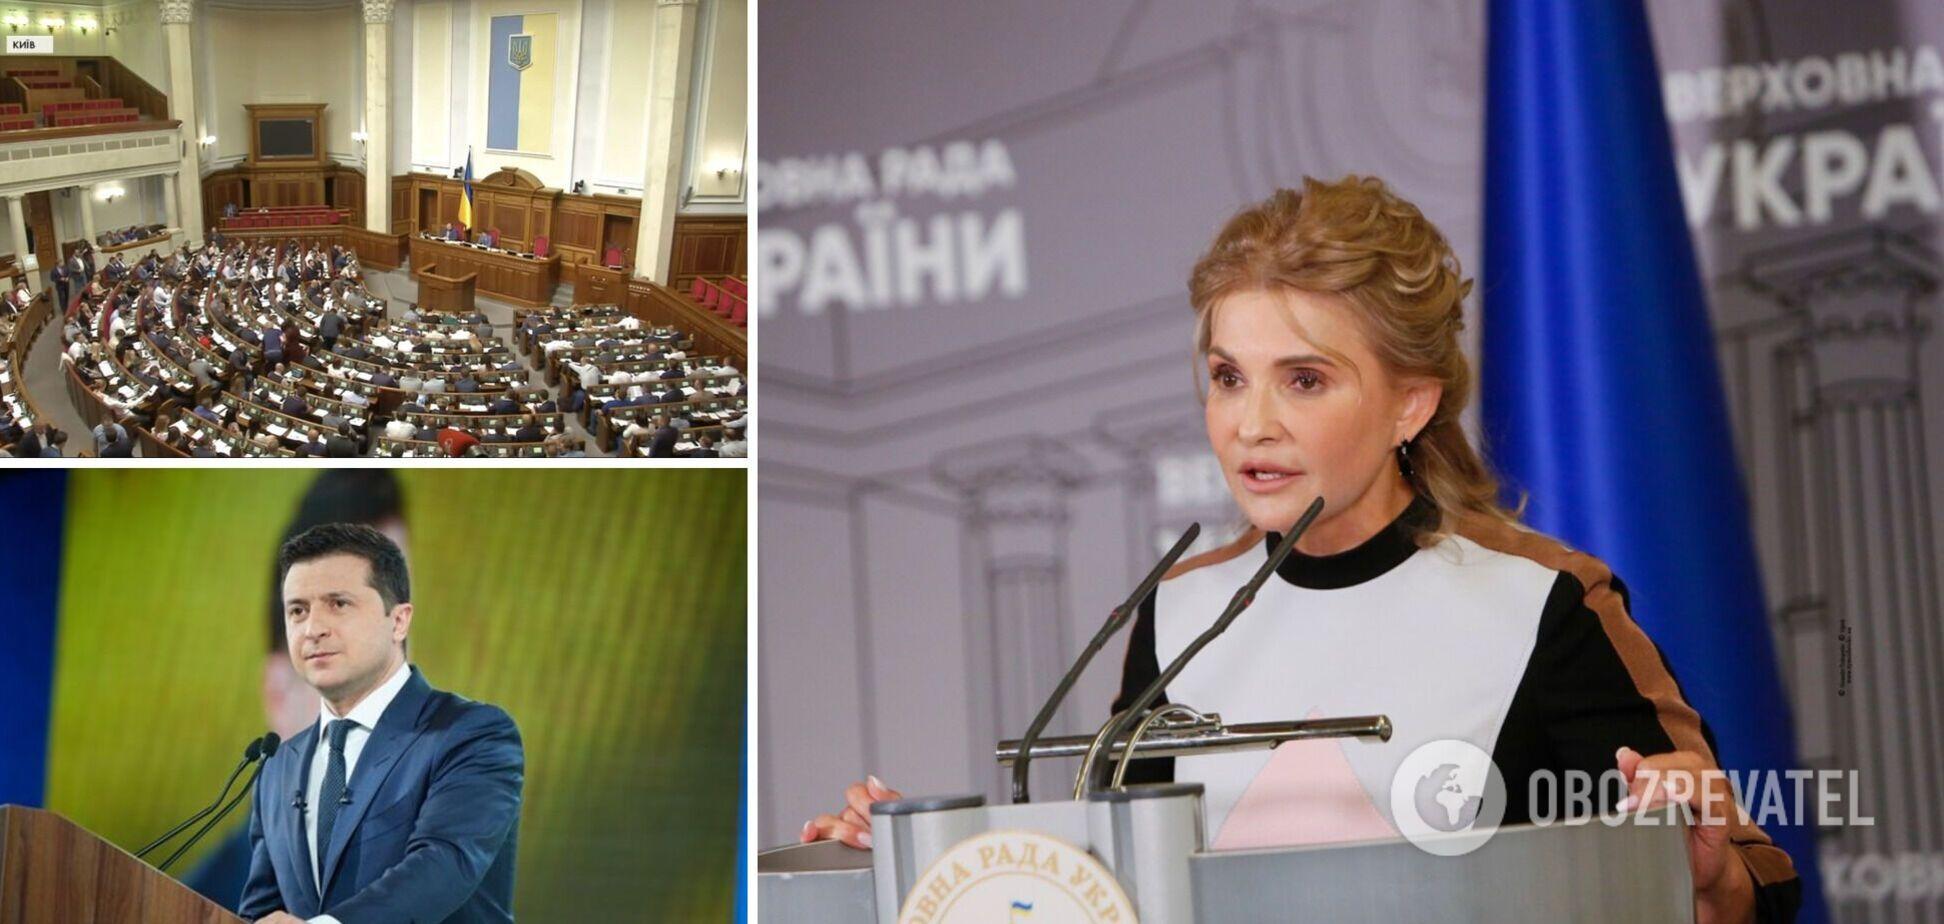 Тимошенко: 'Батьківщина' готова создать коалицию со 'слугами'